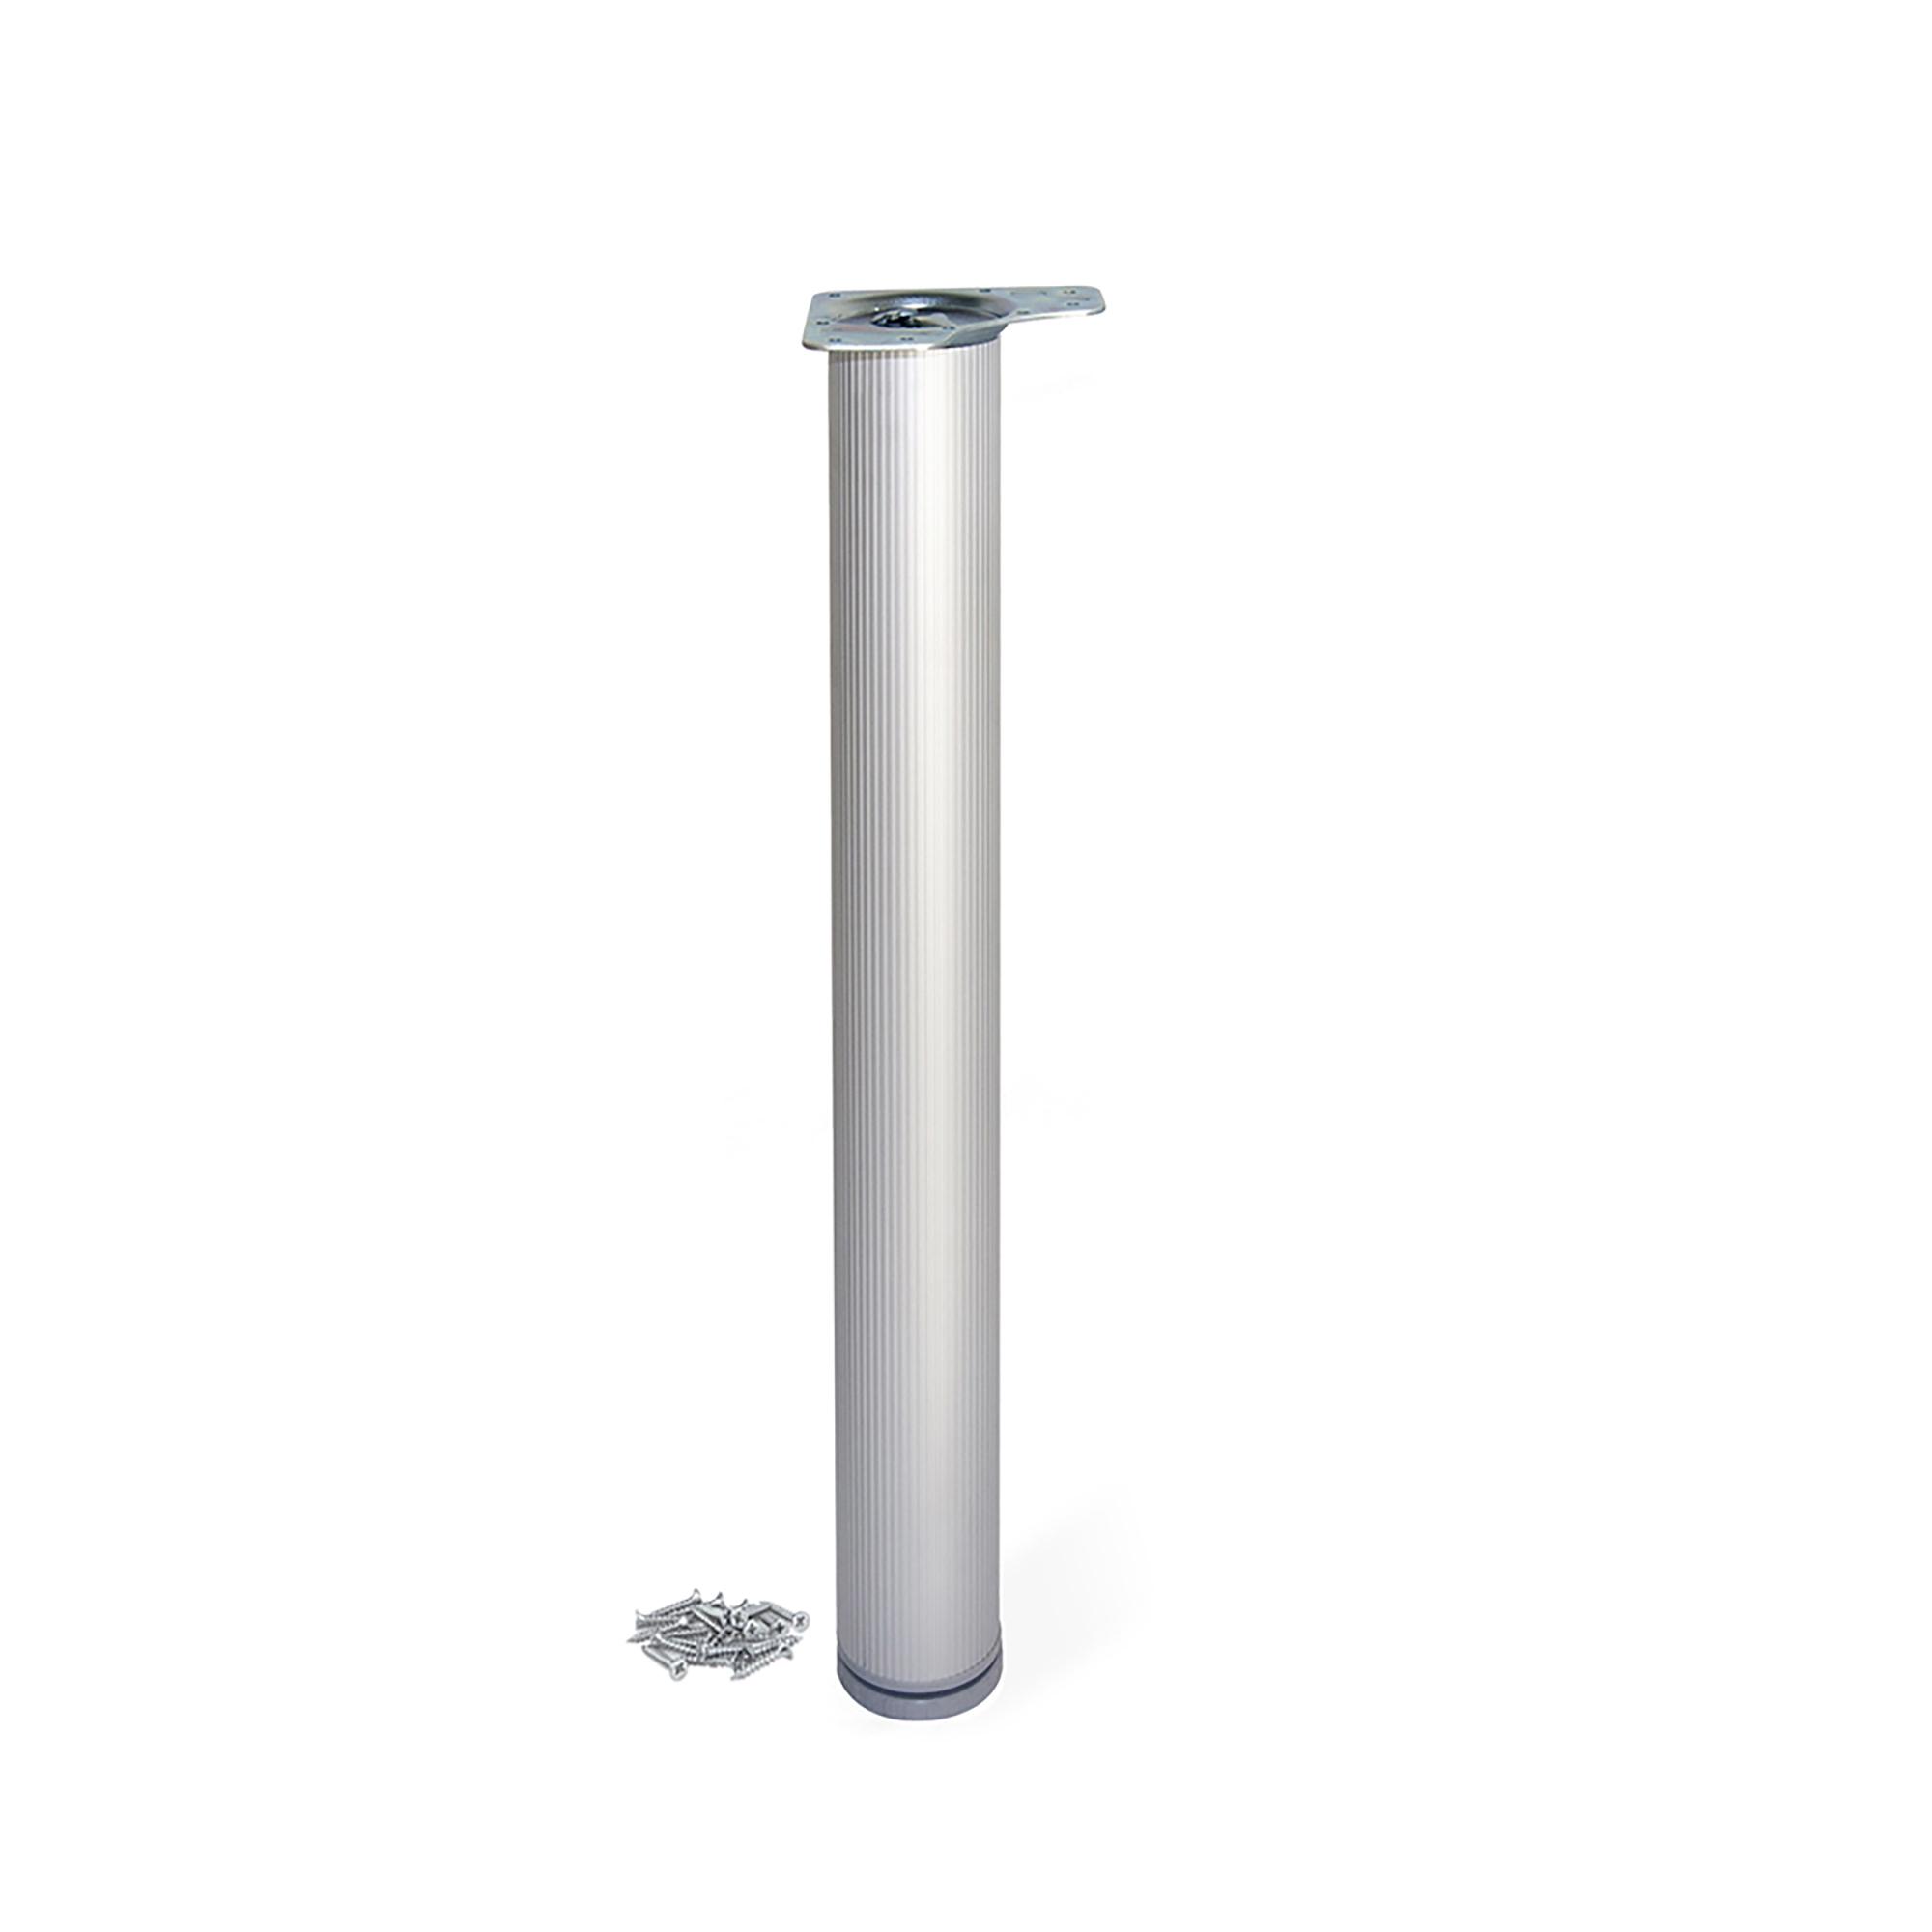 Emuca Gamba per tavolo, D. 80 mm, regolabile 870-900 mm, Alluminio, Anodizzato opaco